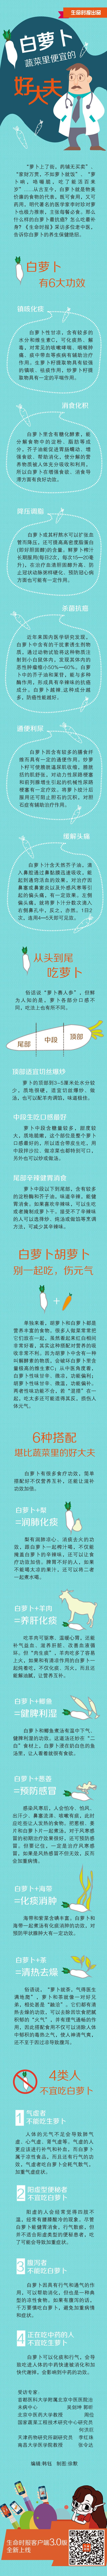 2017年03月26日 - 锦上添花 - 錦上添花 blog.